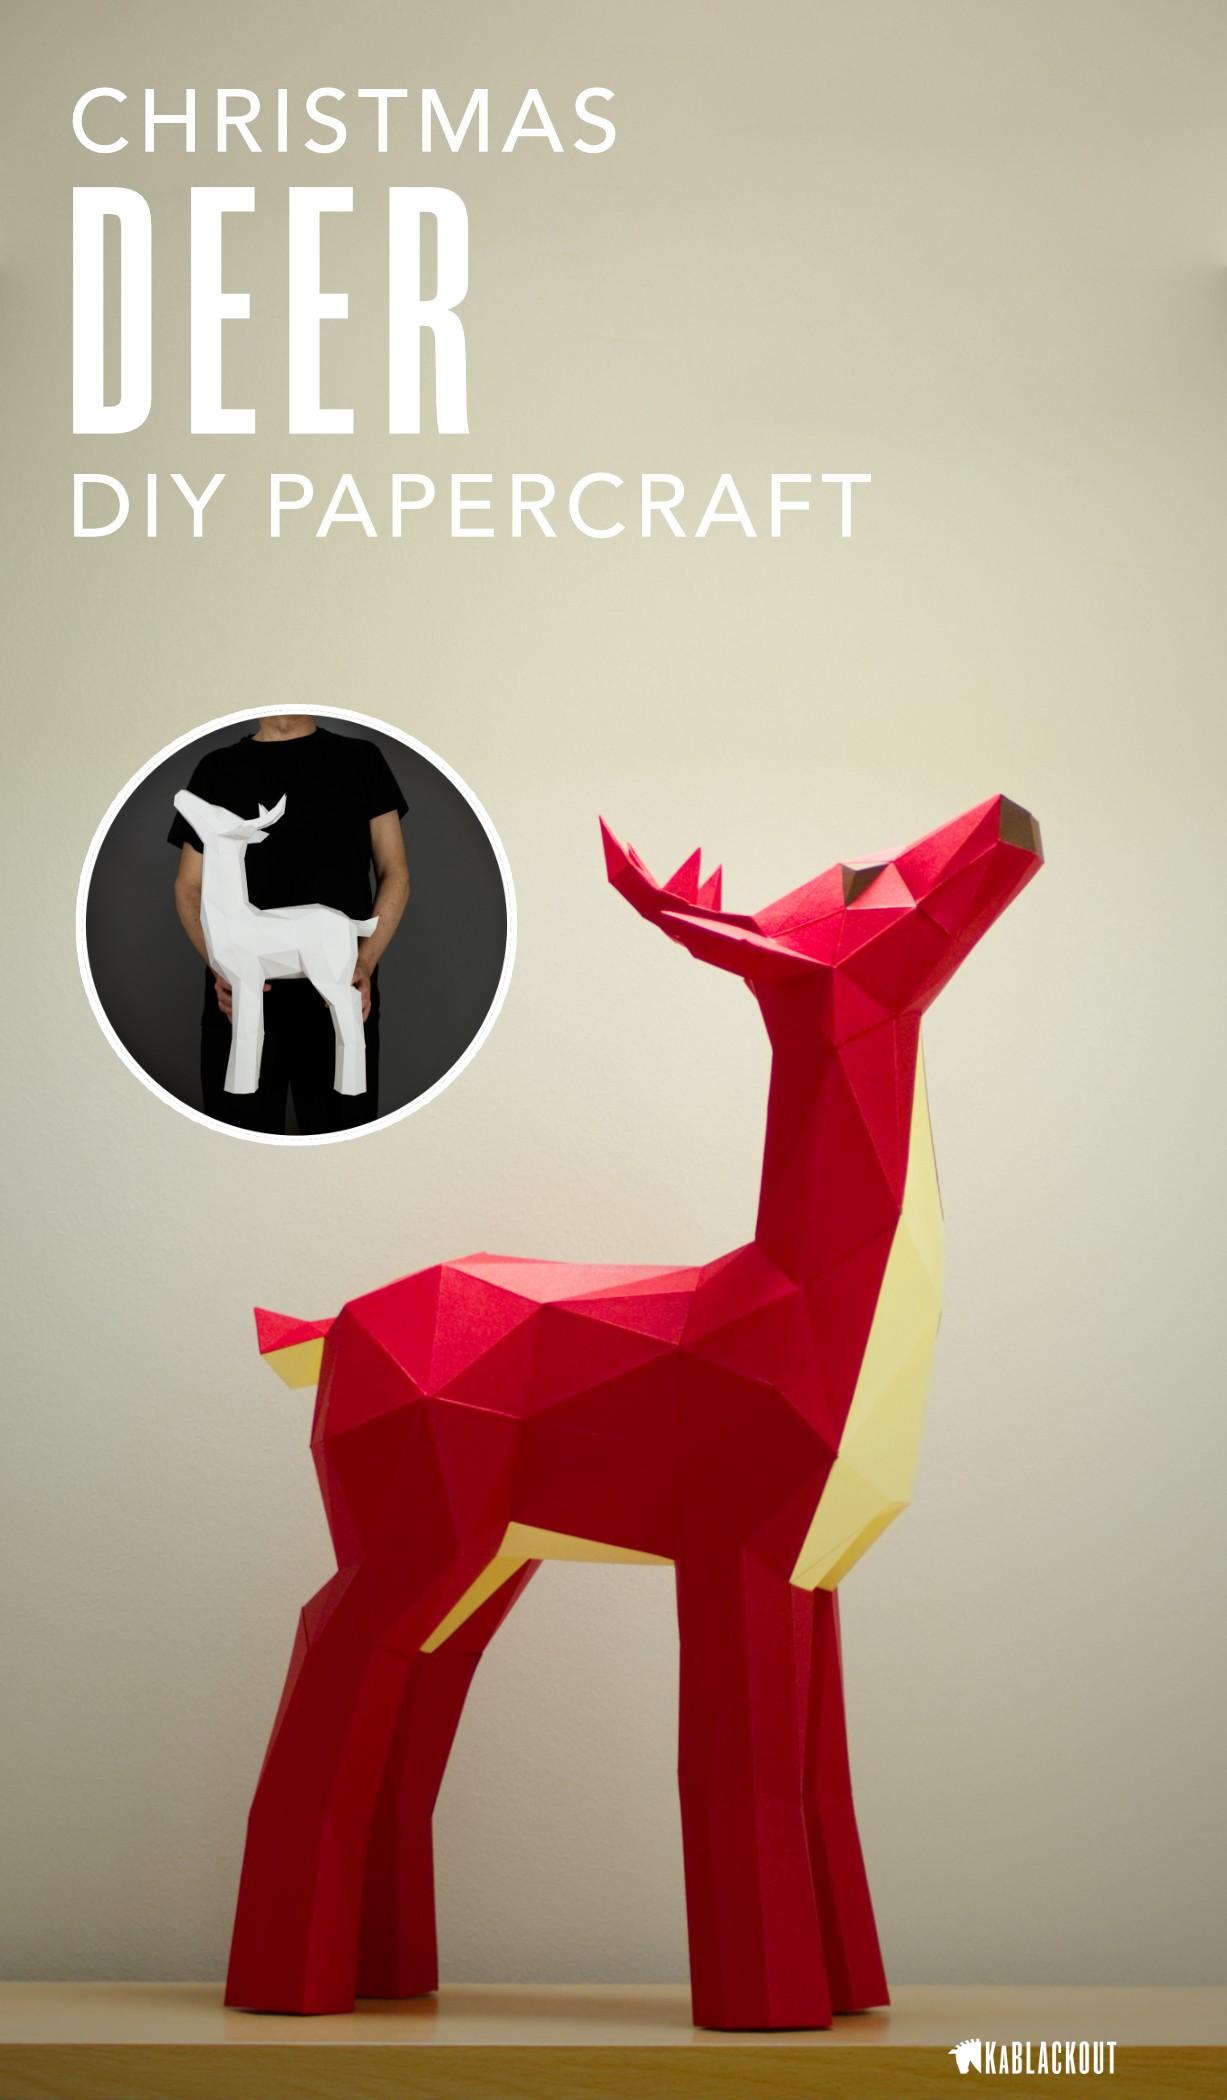 Papercraft Show Deer Papercraft Papercraft Deer Diy Deer Low Poly Deer Deer